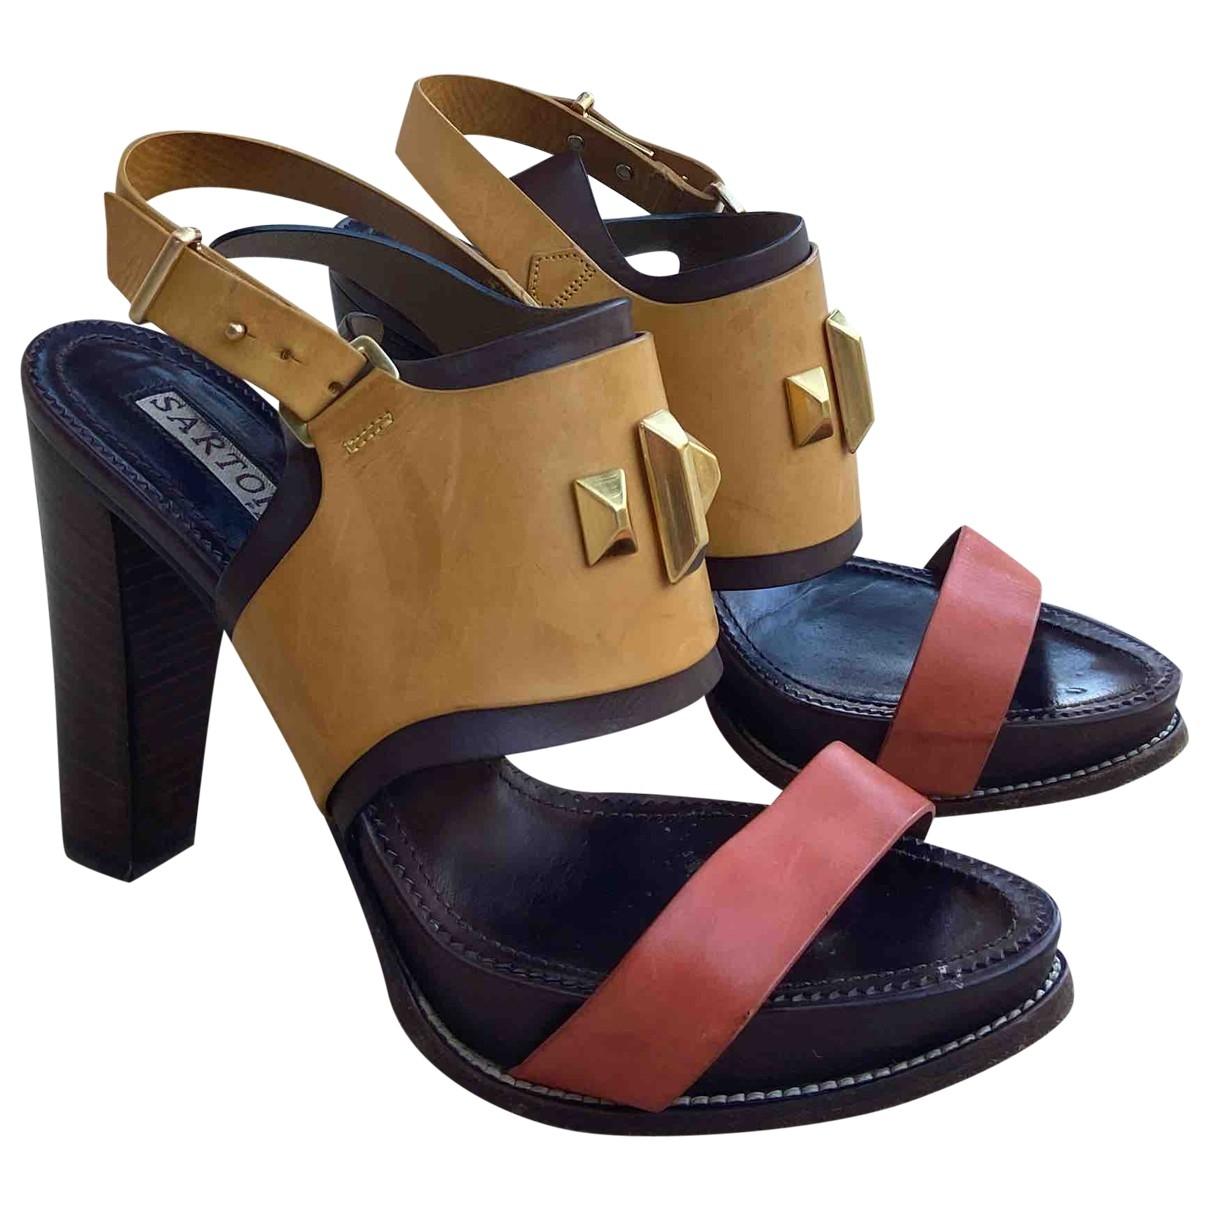 Sartore - Sandales   pour femme en cuir - multicolore